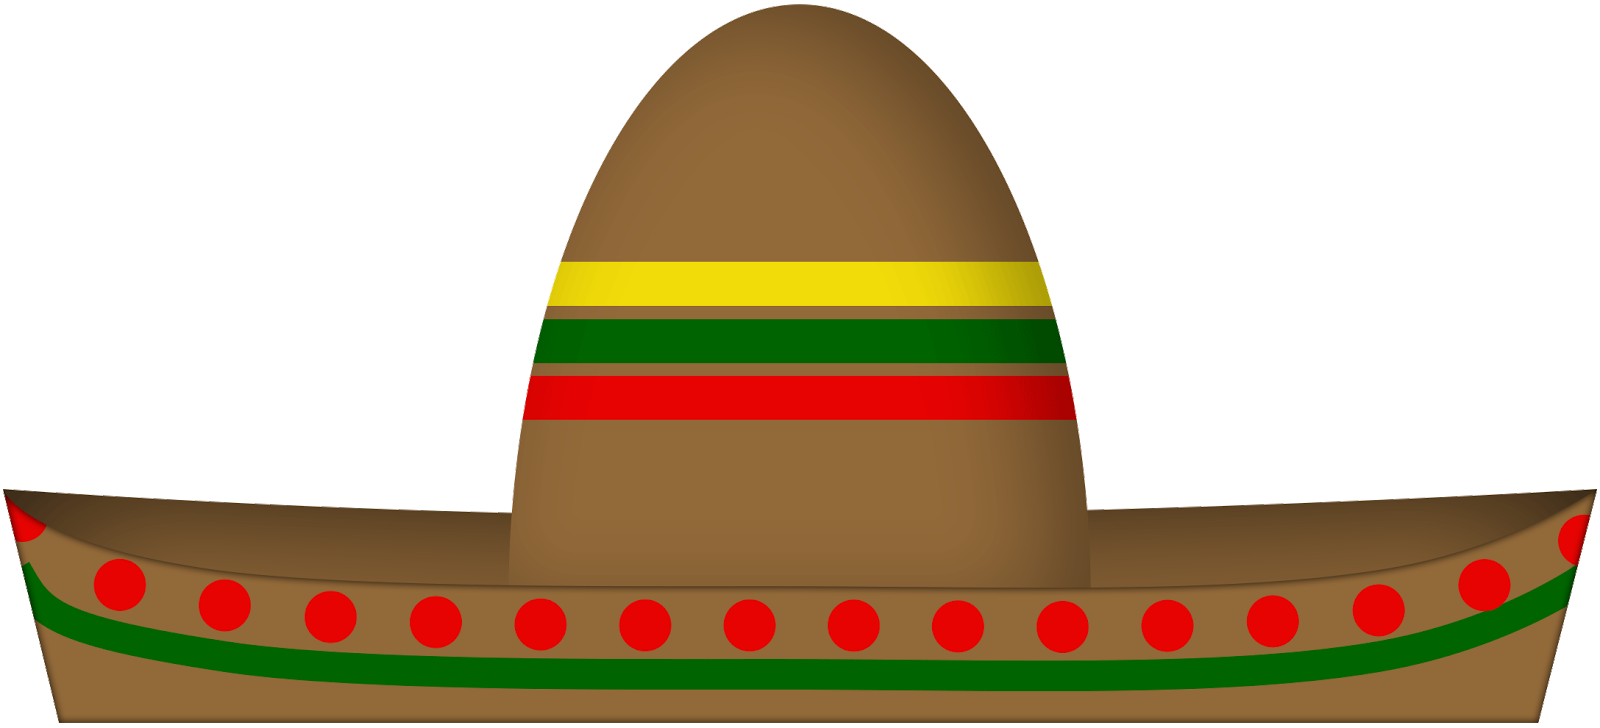 Animated sombrero clip art